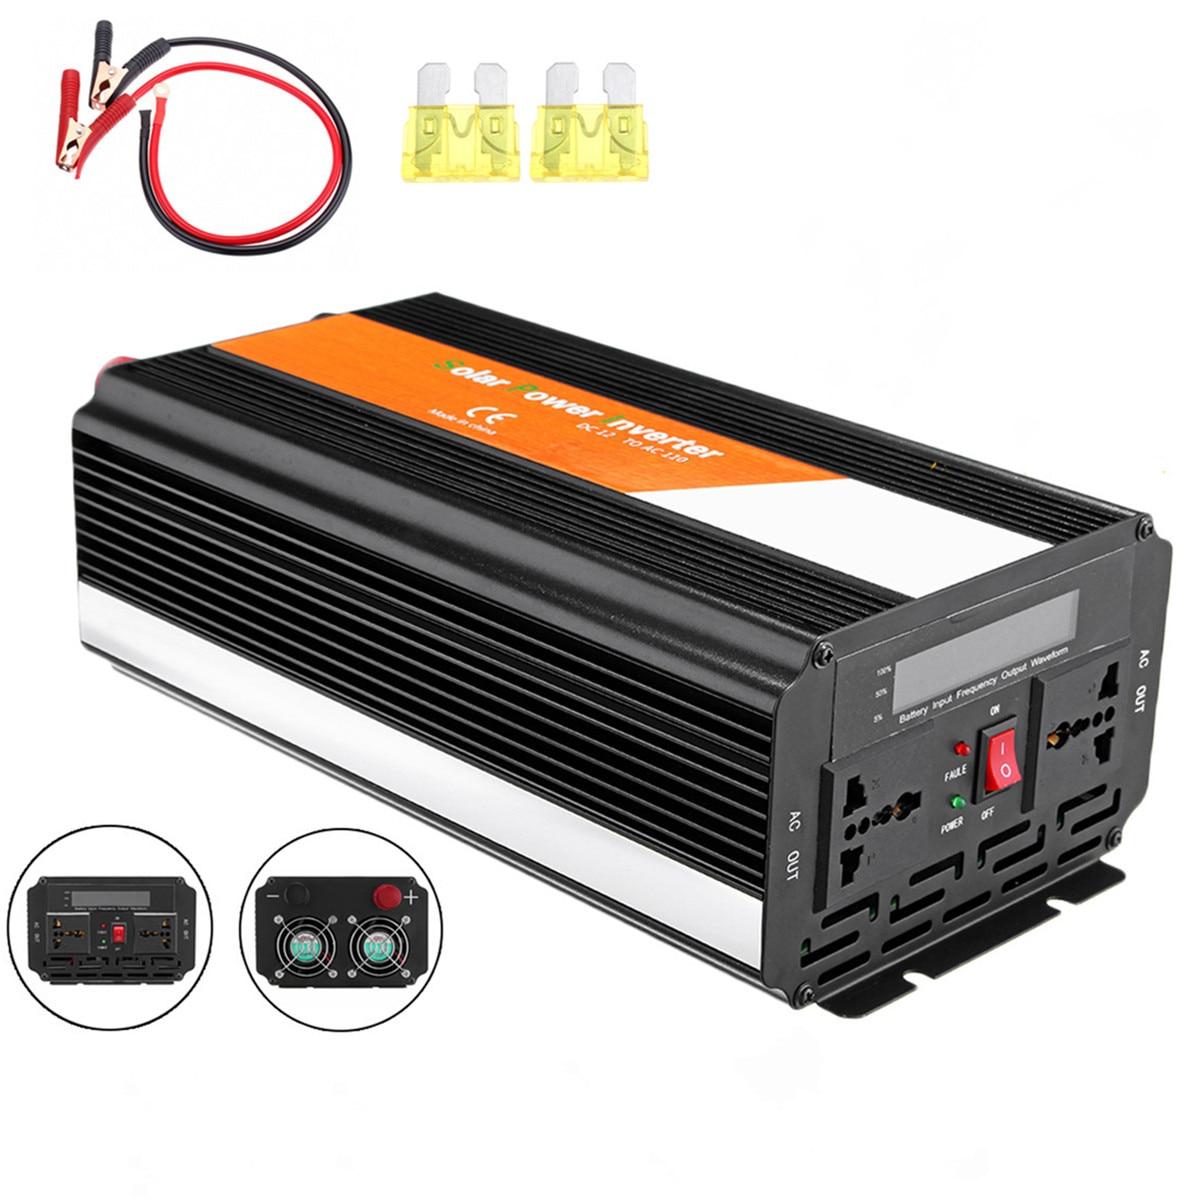 3000 Вт высокой мощности Мощность инвертор Модифицированная синусоида Инвертор DC/AC 12/24V дo AC 110/220V Напряжение трансформатор ЖК дисплей Дисплей автомобильный Солнечный Мощность инвертор